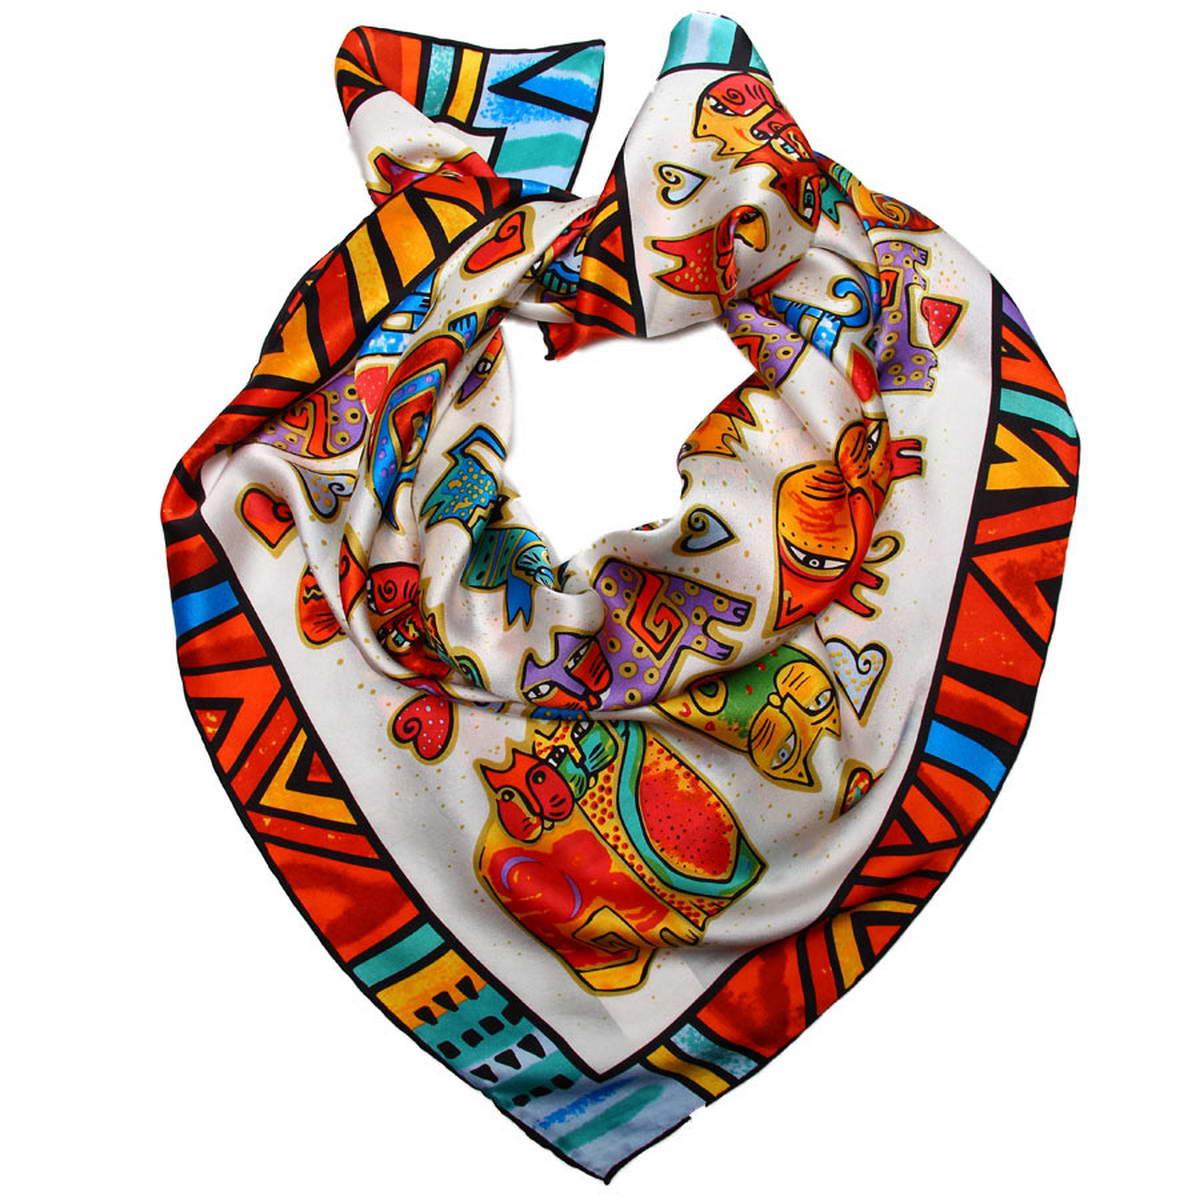 Платок1810712-1Стильный женский платок Venera станет великолепным завершением любого наряда. Платок изготовлен из высококачественного 100% шелка и оформлен красочным принтом с изображением забавных кошек. Классическая квадратная форма позволяет носить платок на шее, украшать им прическу или декорировать сумочку. Легкий, мягкий и шелковистый платок поможет вам создать изысканный женственный образ, а также согреет в непогоду. Такой платок превосходно дополнит любой наряд и подчеркнет ваш неповторимый вкус и элегантность.